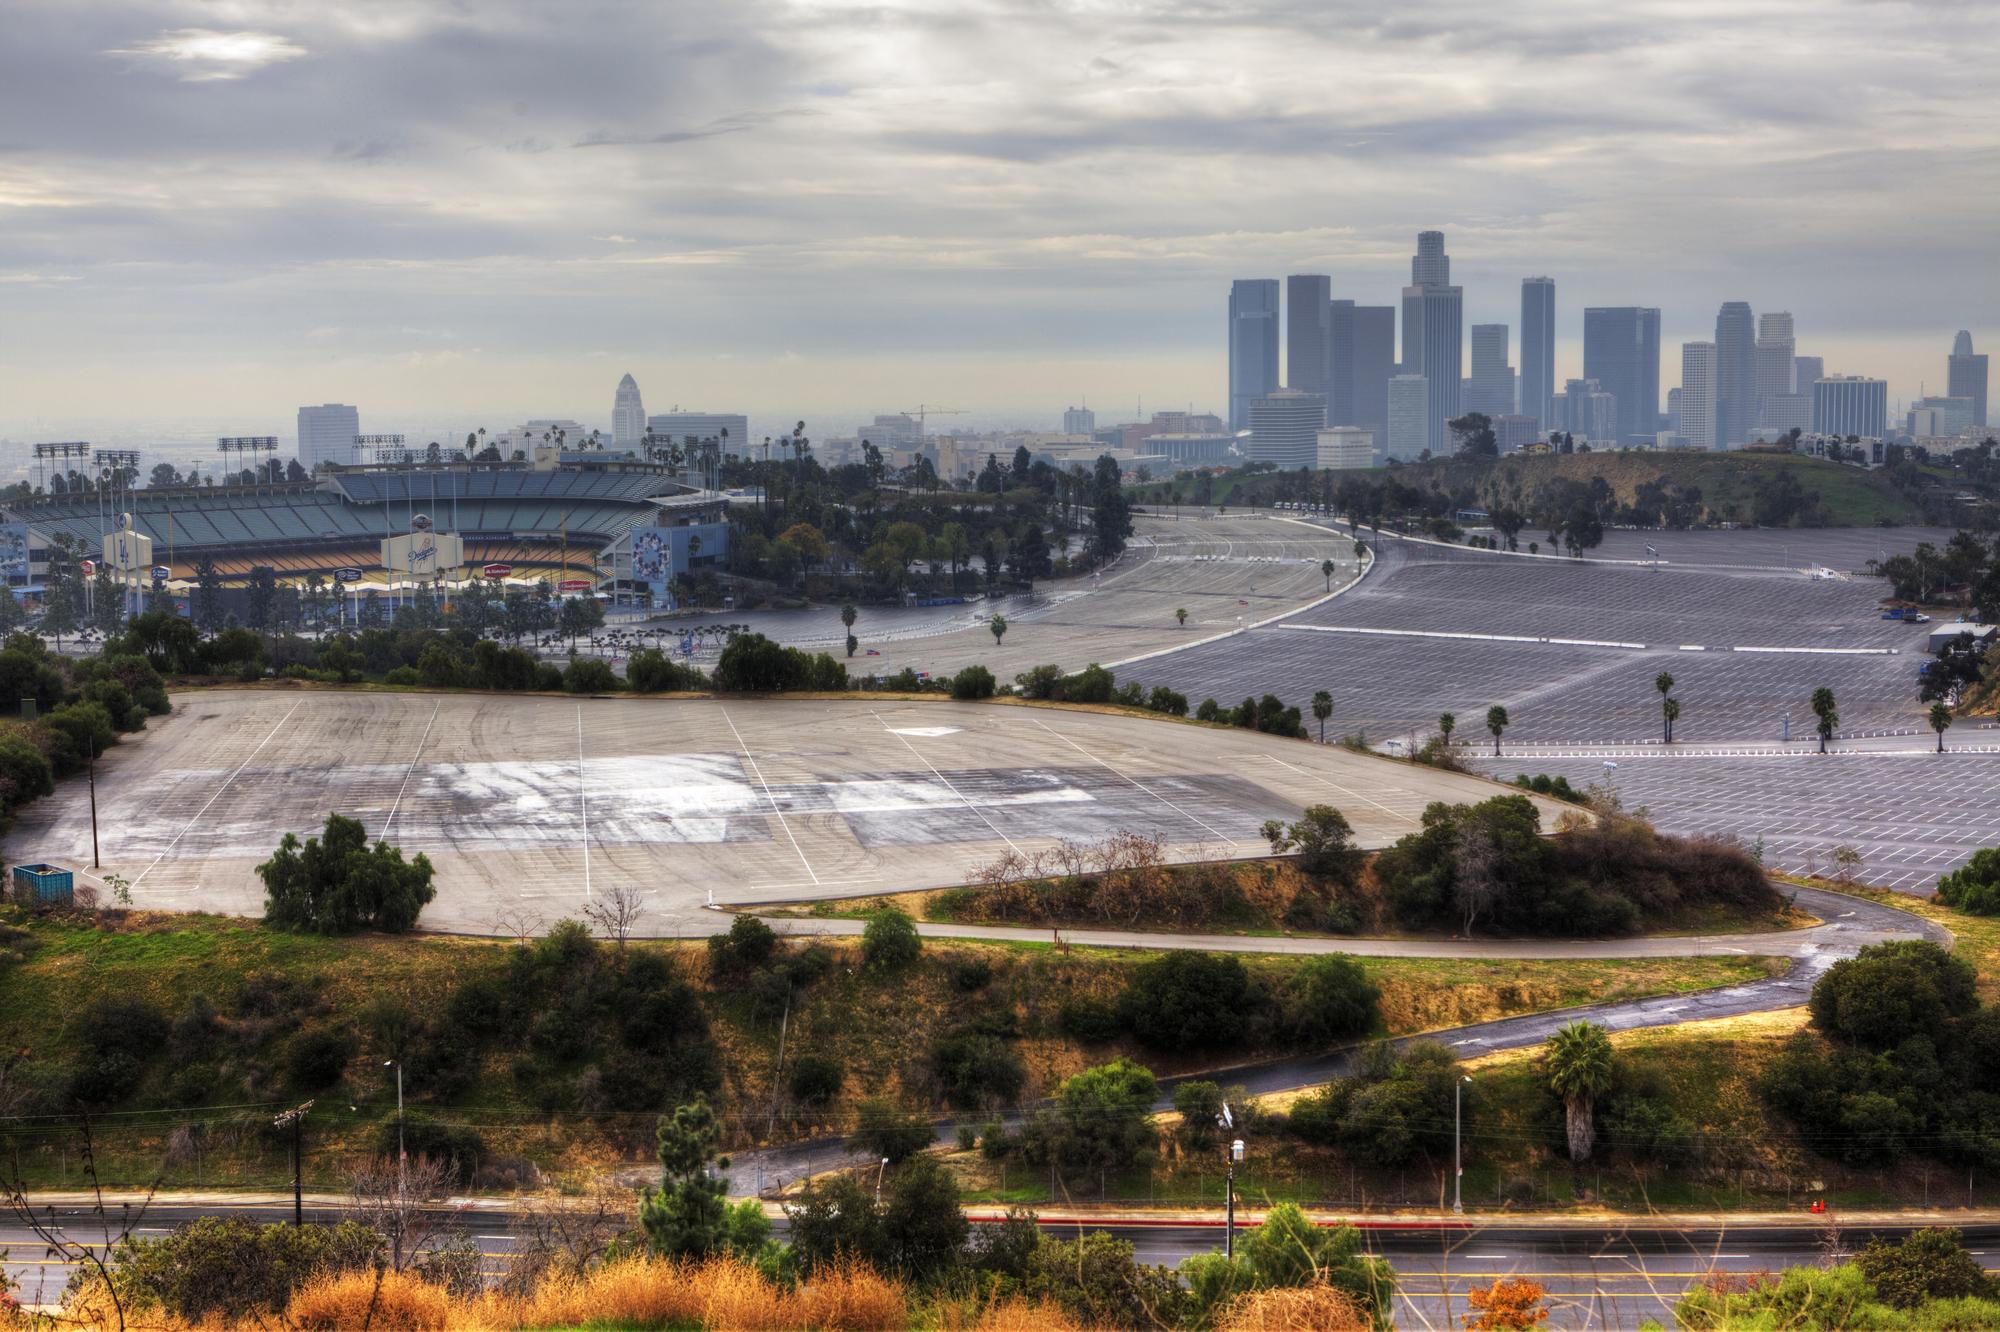 ロサンゼルスには既存のスポーツ施設が多数あり、支出を抑えることができた